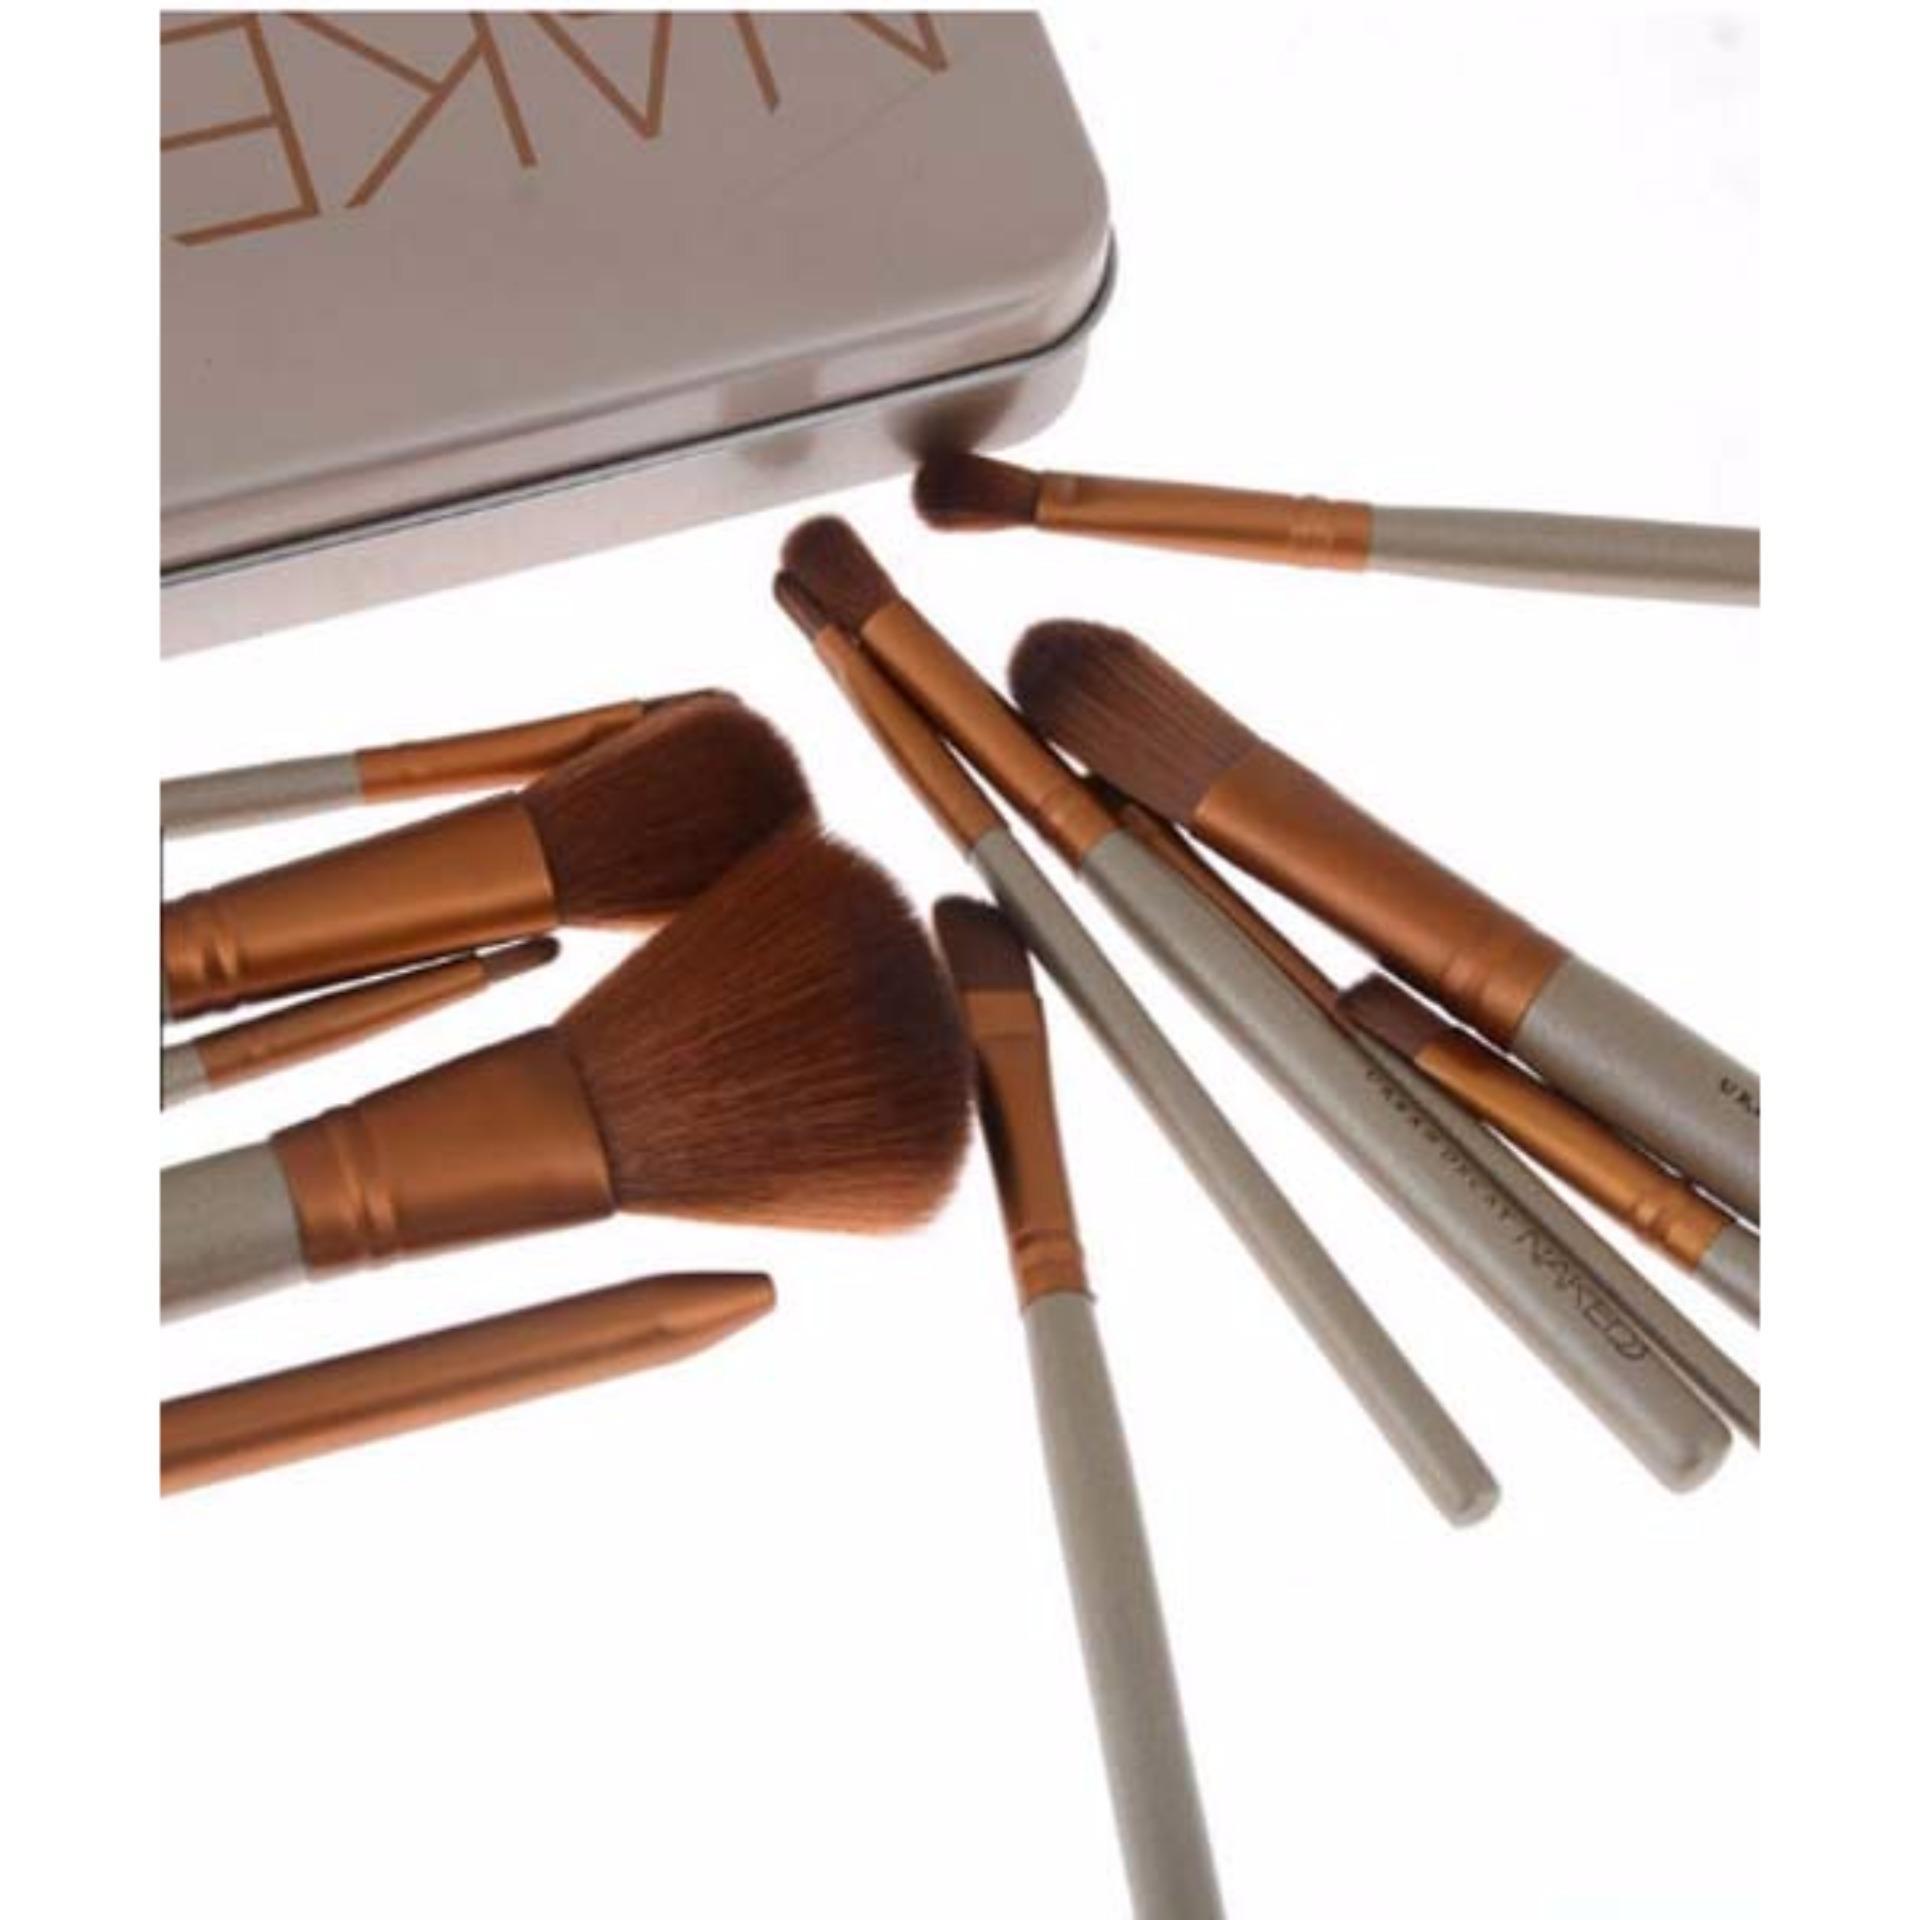 Kuas Make Up Naked3 Set 12pcs Kemasan Kaleng Makeup Brush Daftar Hello Kitty 7 Pcs Nake 3 Isi 12